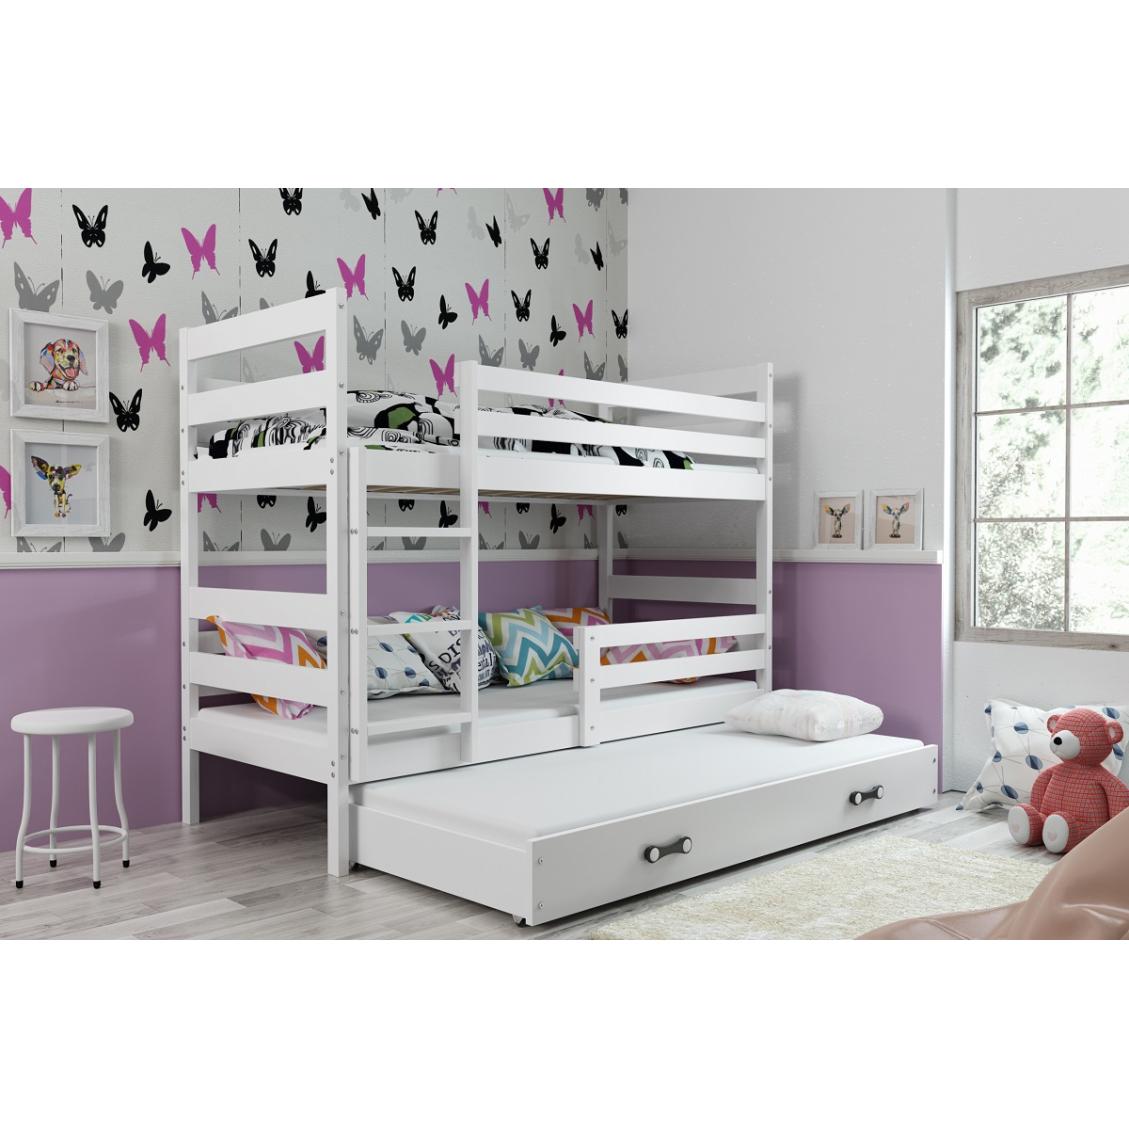 łóżko Piętrowe Trzyosobowe Eryk 200x90 Białe